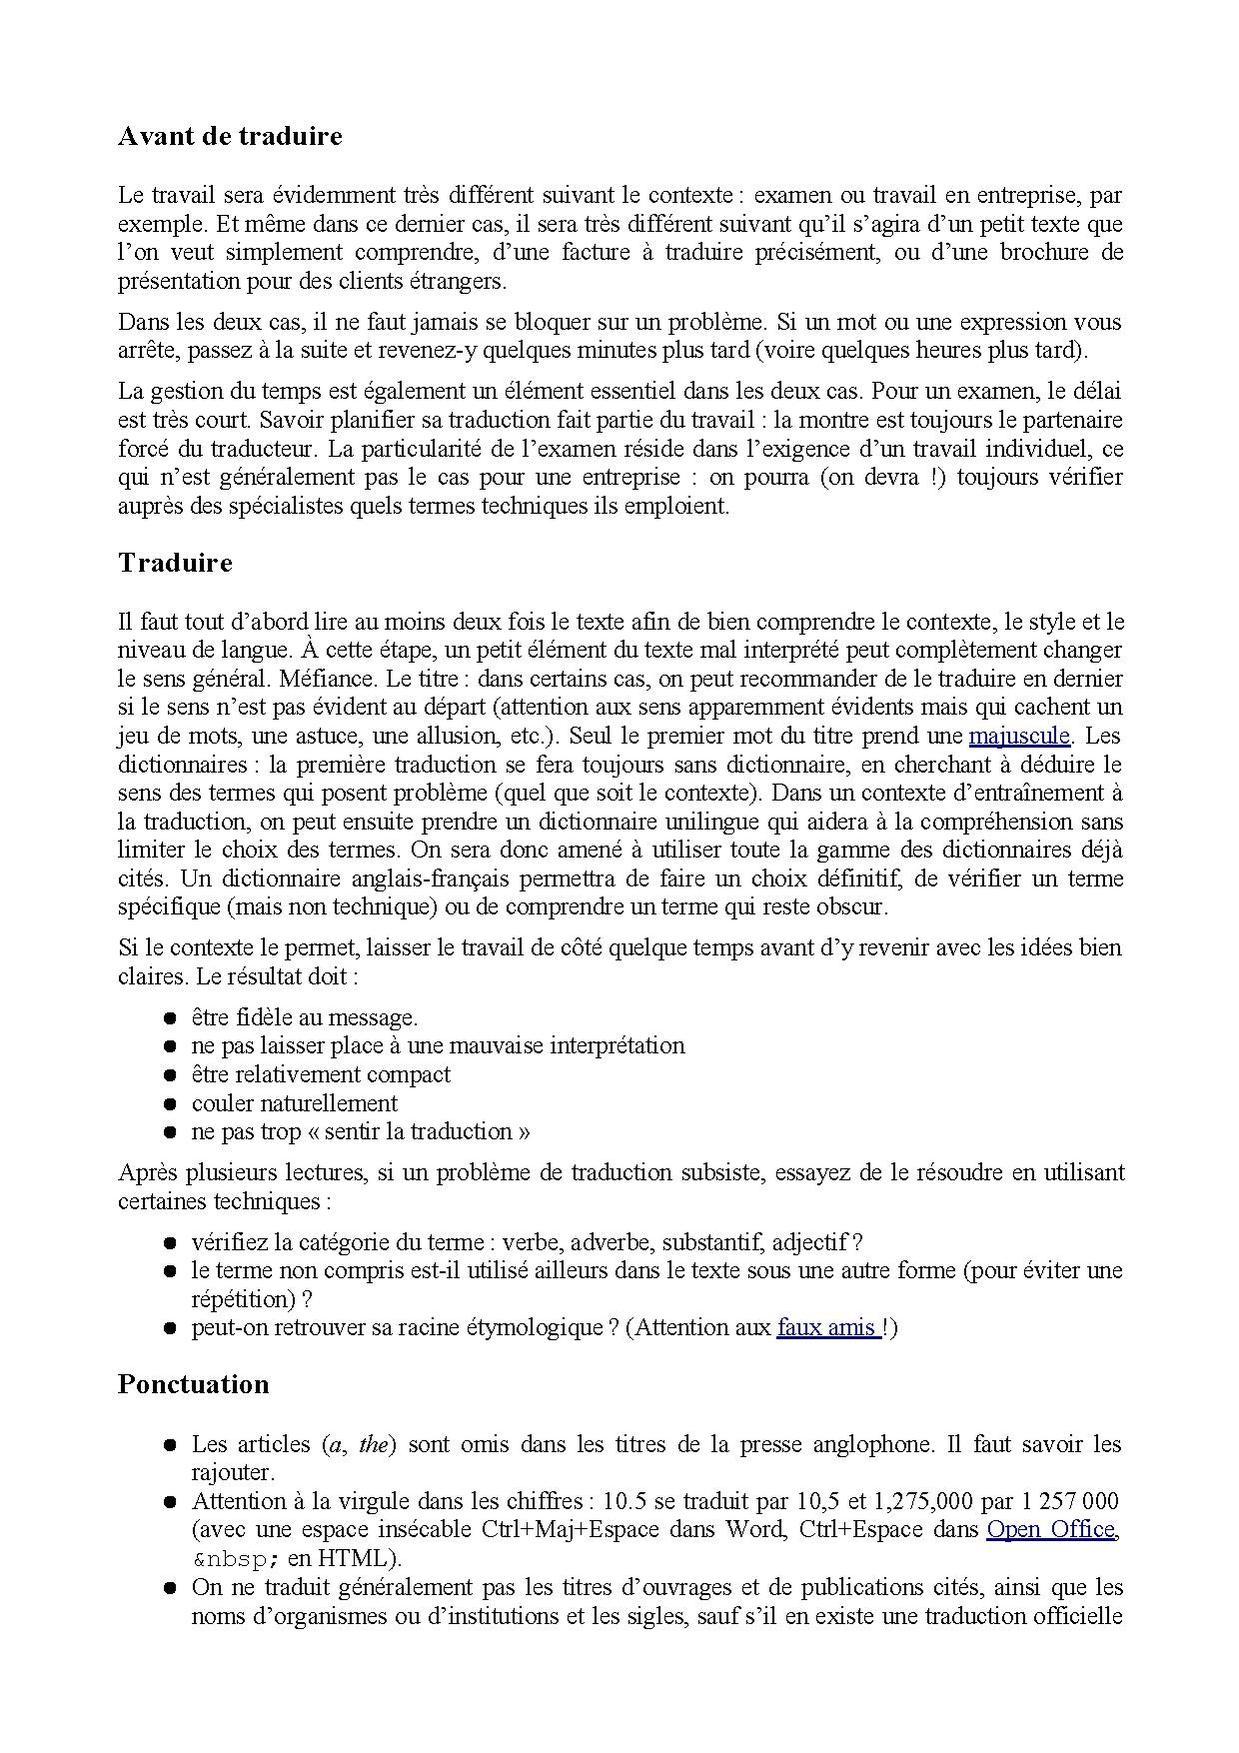 Les types de traduction pdf